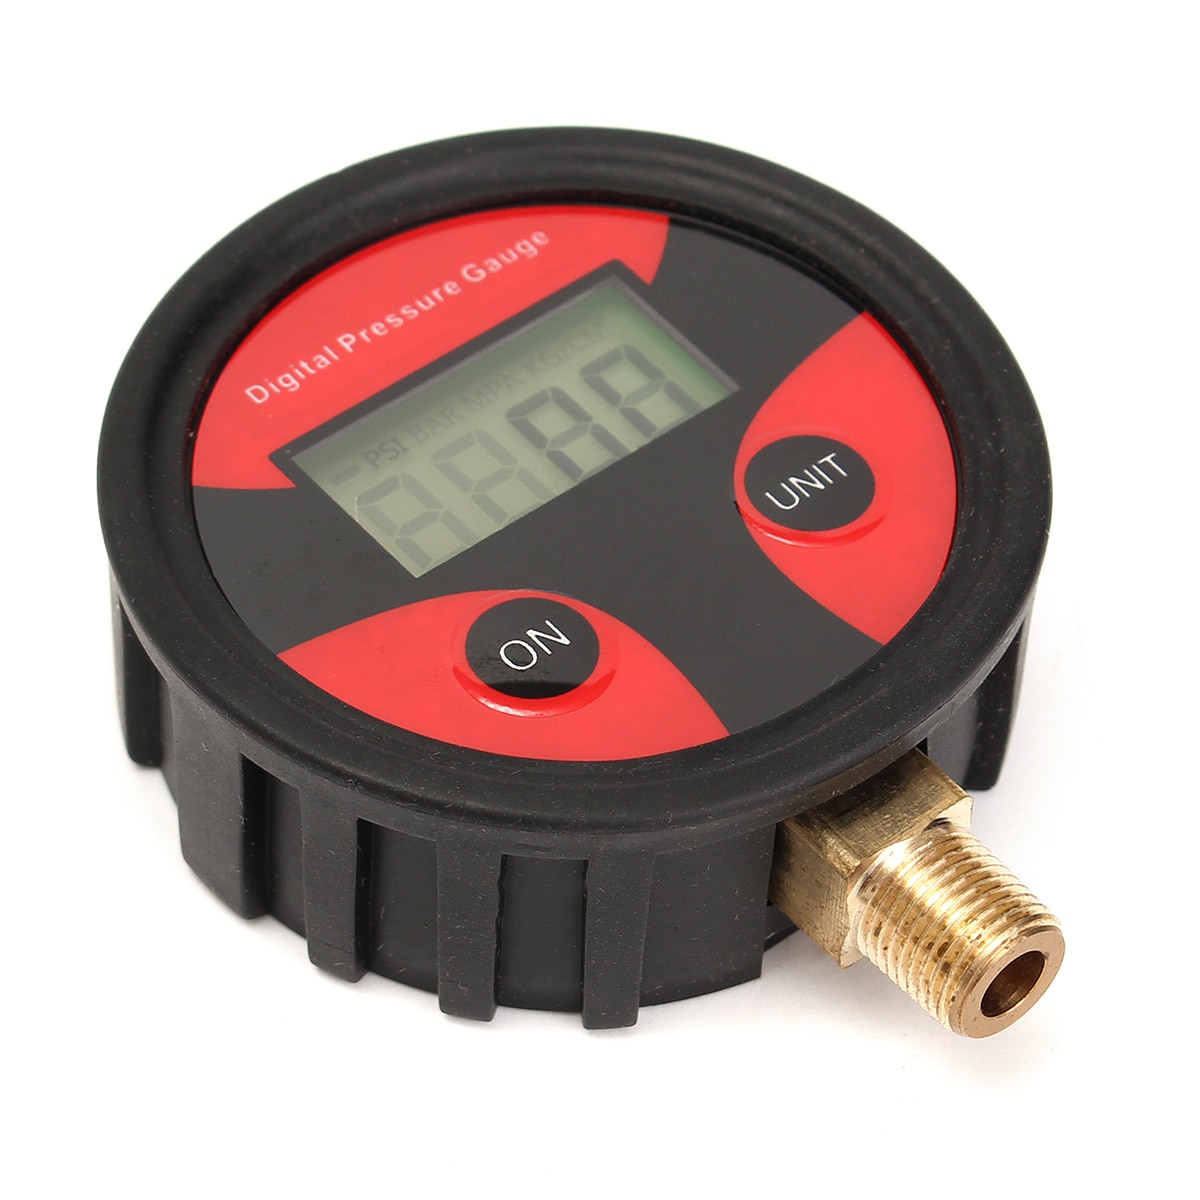 0-200 фунтов/кв. дюйм для автомобиля грузовика мотоцикла Авто Шины Датчик давления воздуха в шинах циферблат метр тестер медь + резина цифровой датчик давления в шинах Инструмент